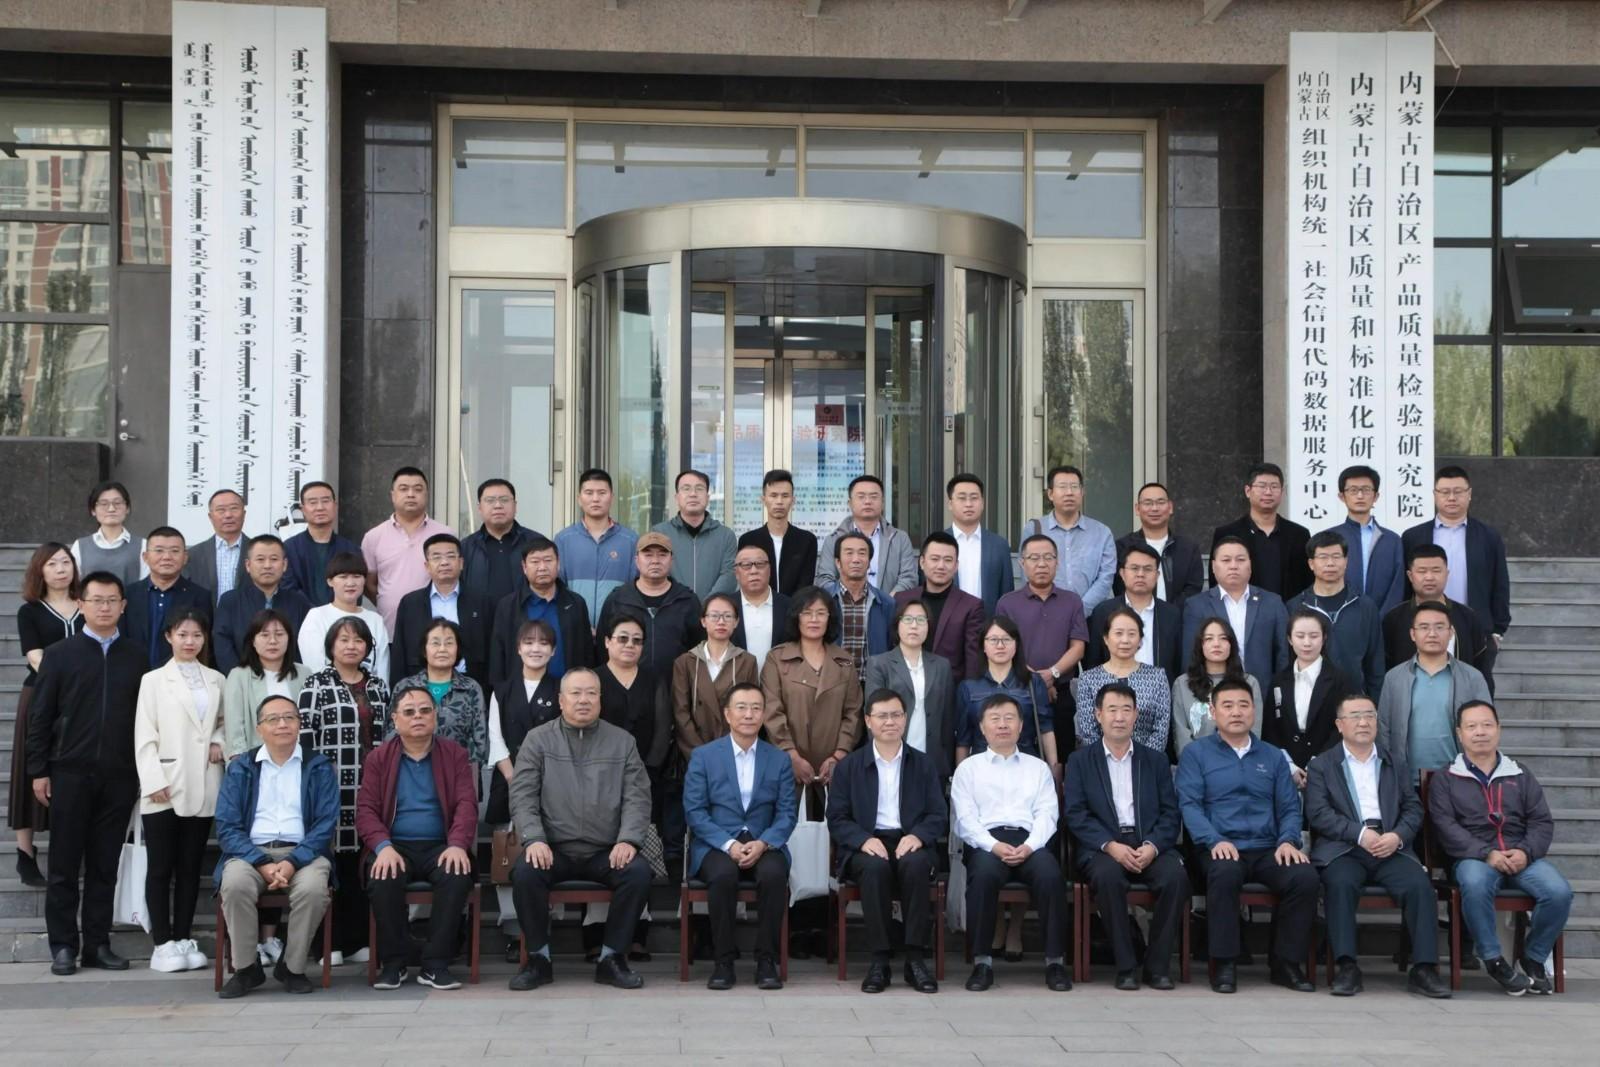 内蒙古认证和检验检测协会成立大会合影.jpg